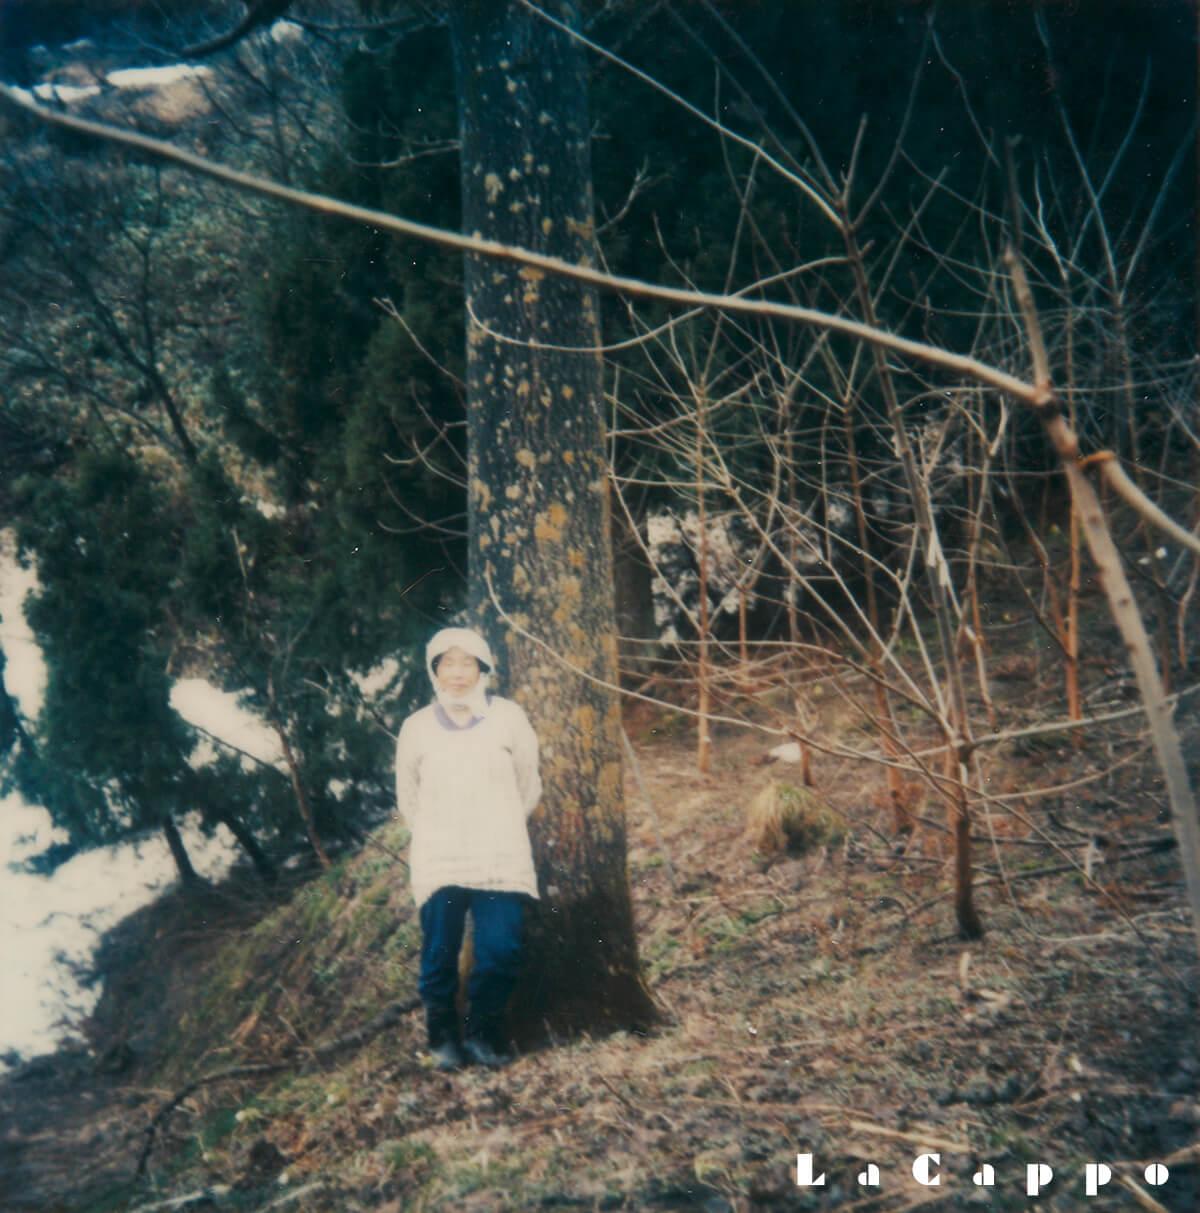 本場福島県会津の栽培農家で持っている桐丸太第一枝まで6m70cmの樹齢230年物の桐